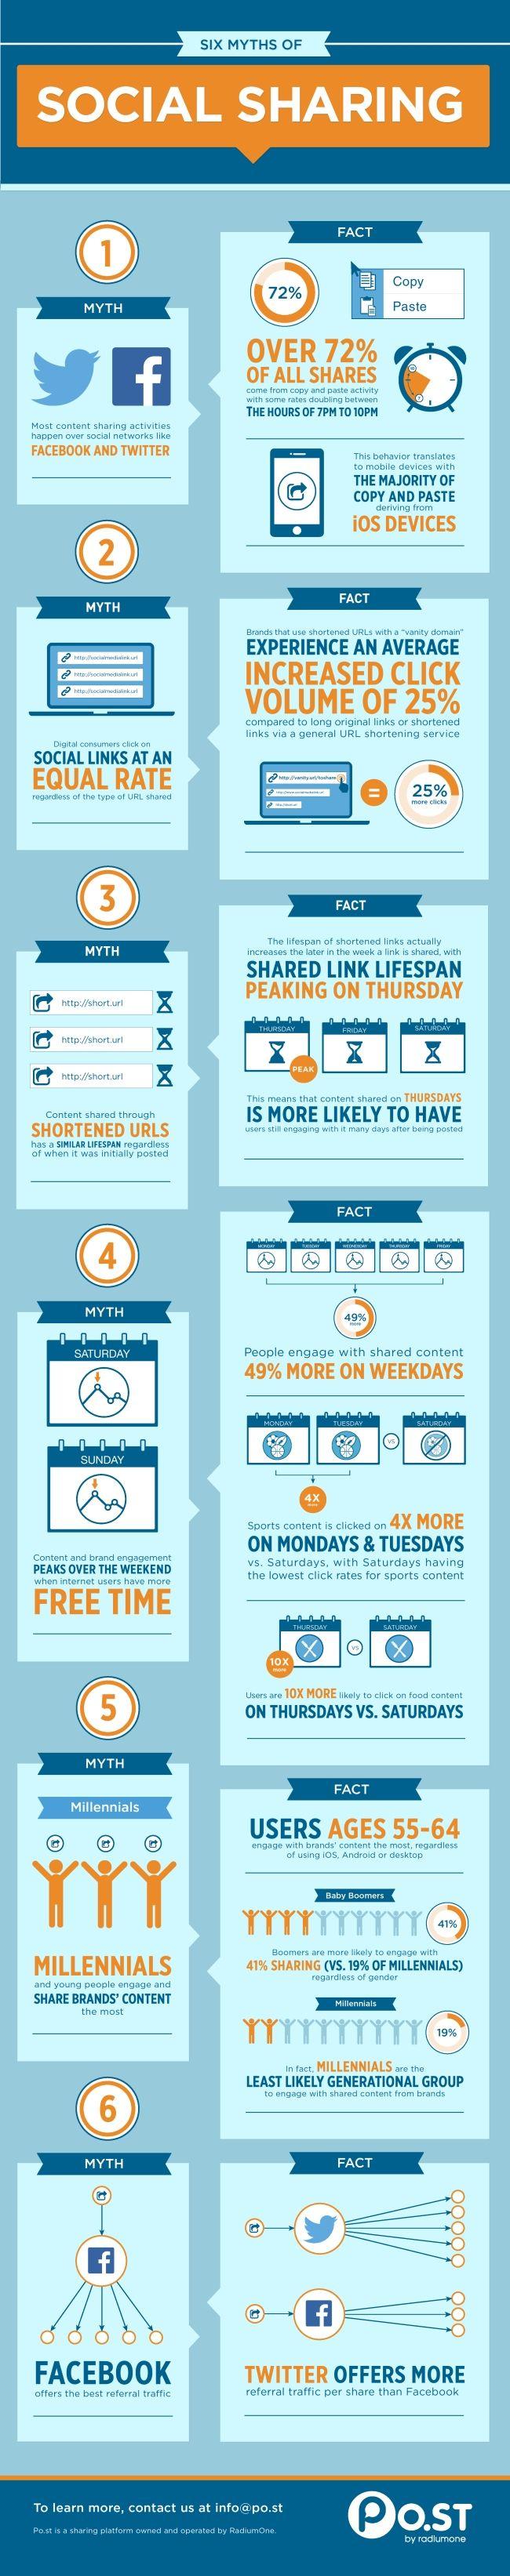 Seis mitos sobre redes sociales analizados a fondo